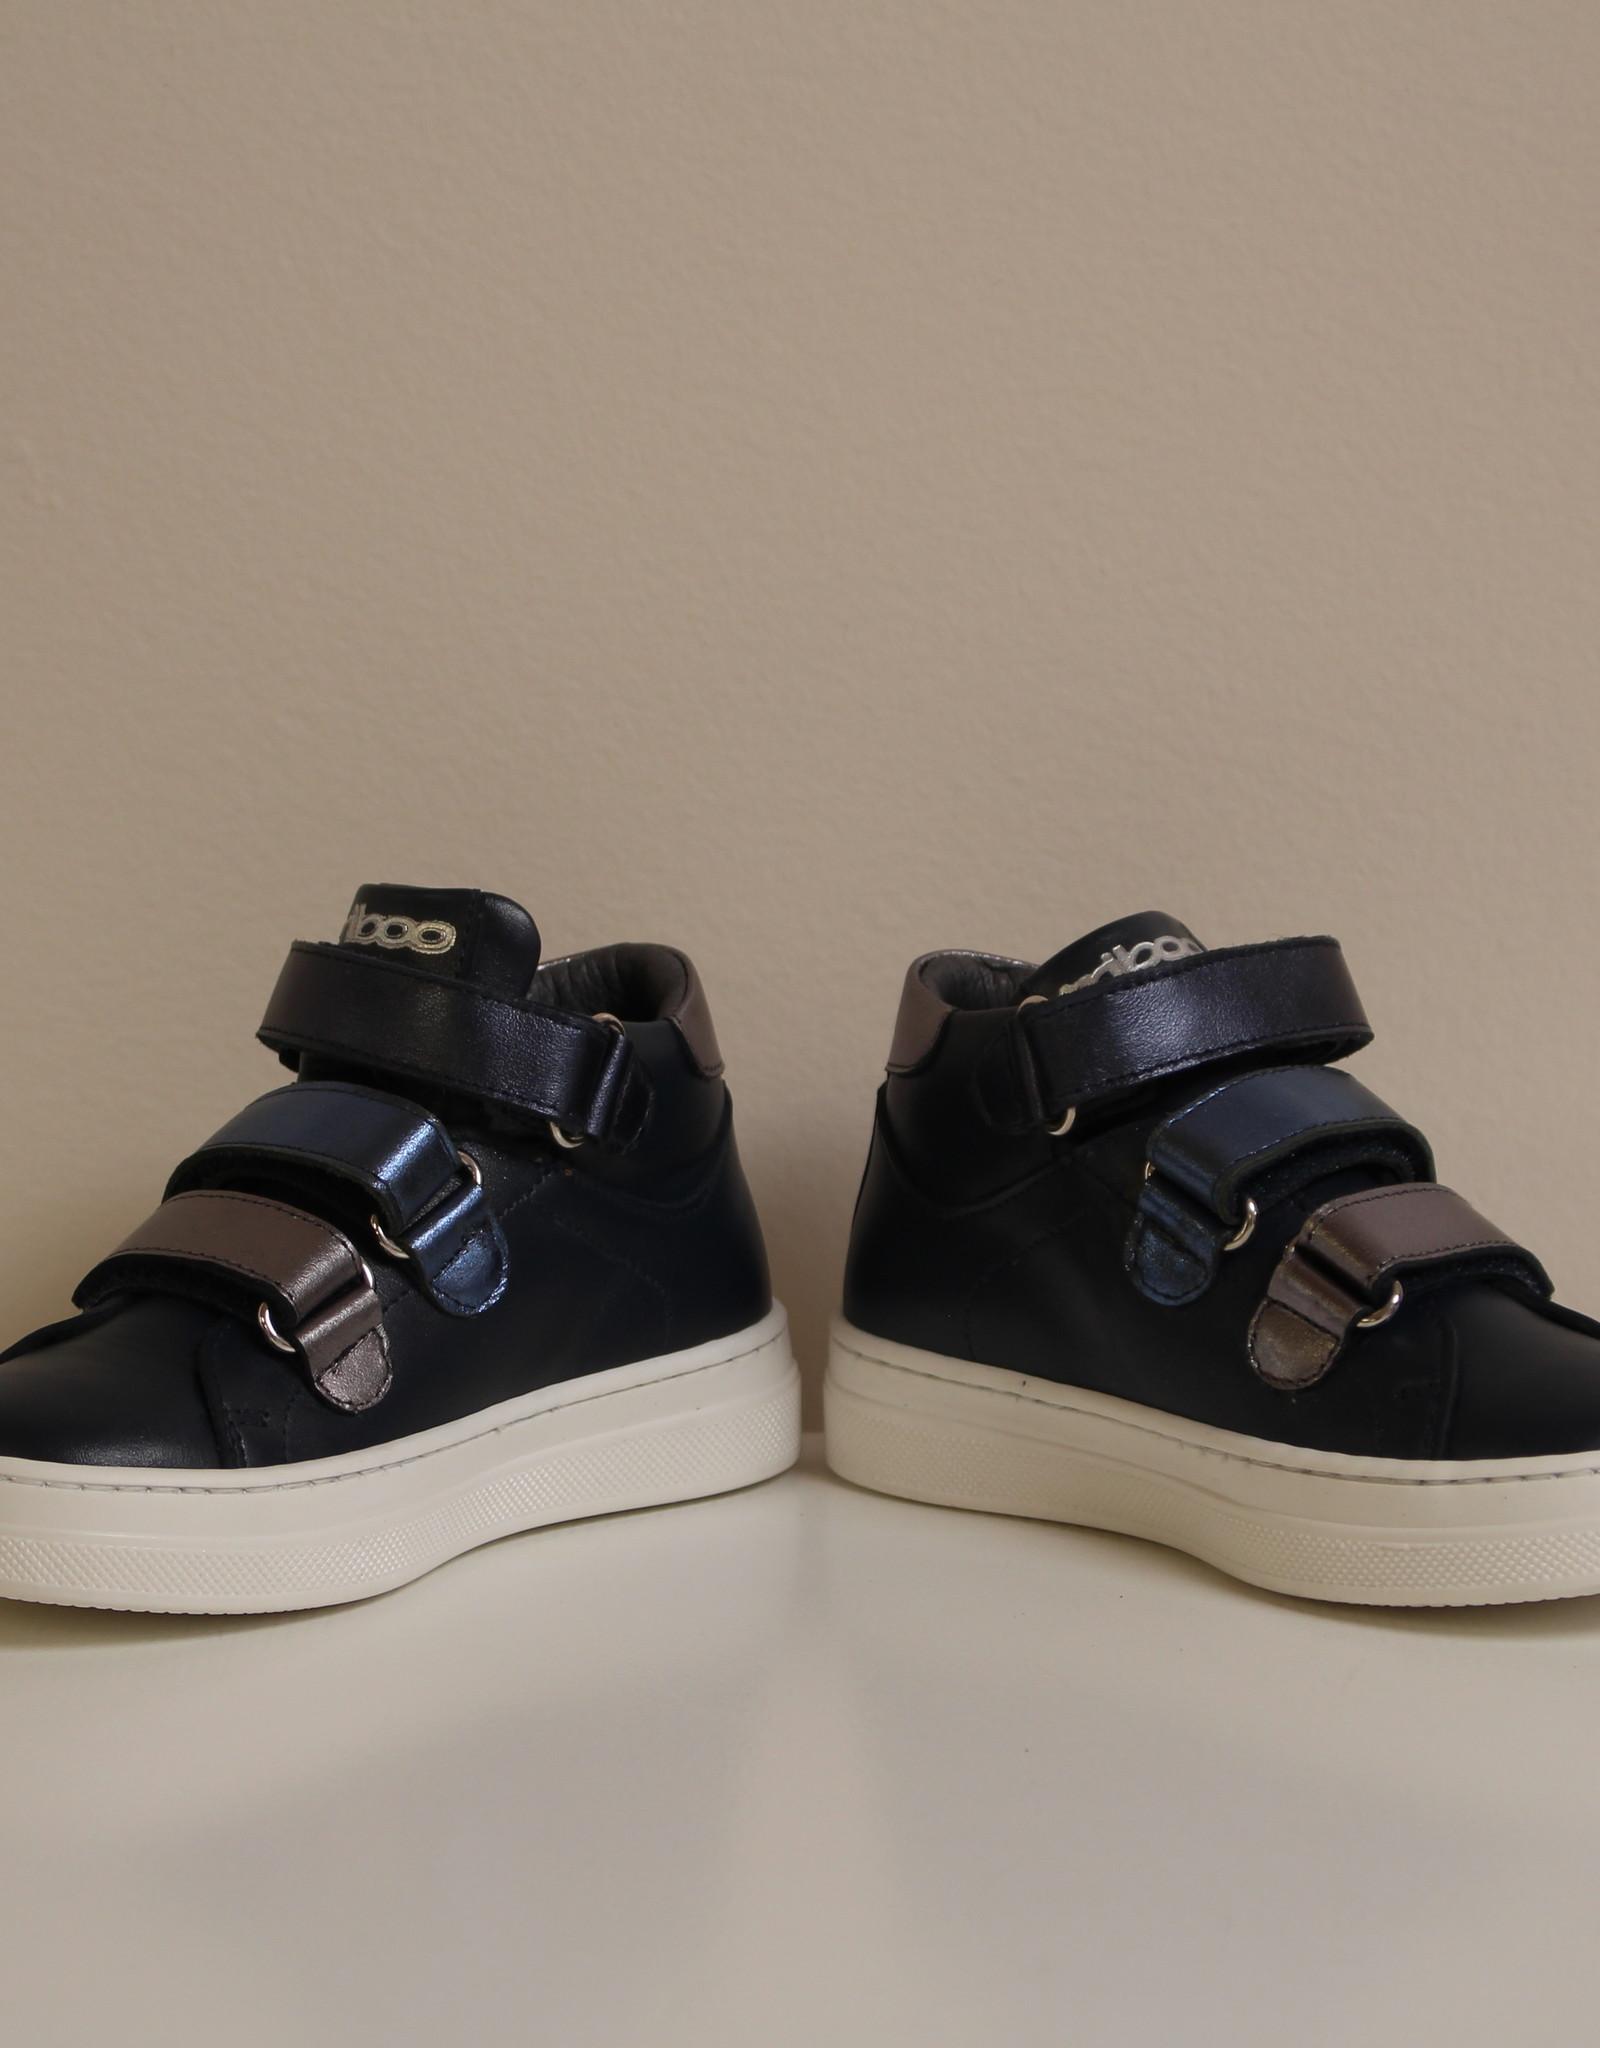 La Triboo 8716 hoge sneaker donkerblauw velcro